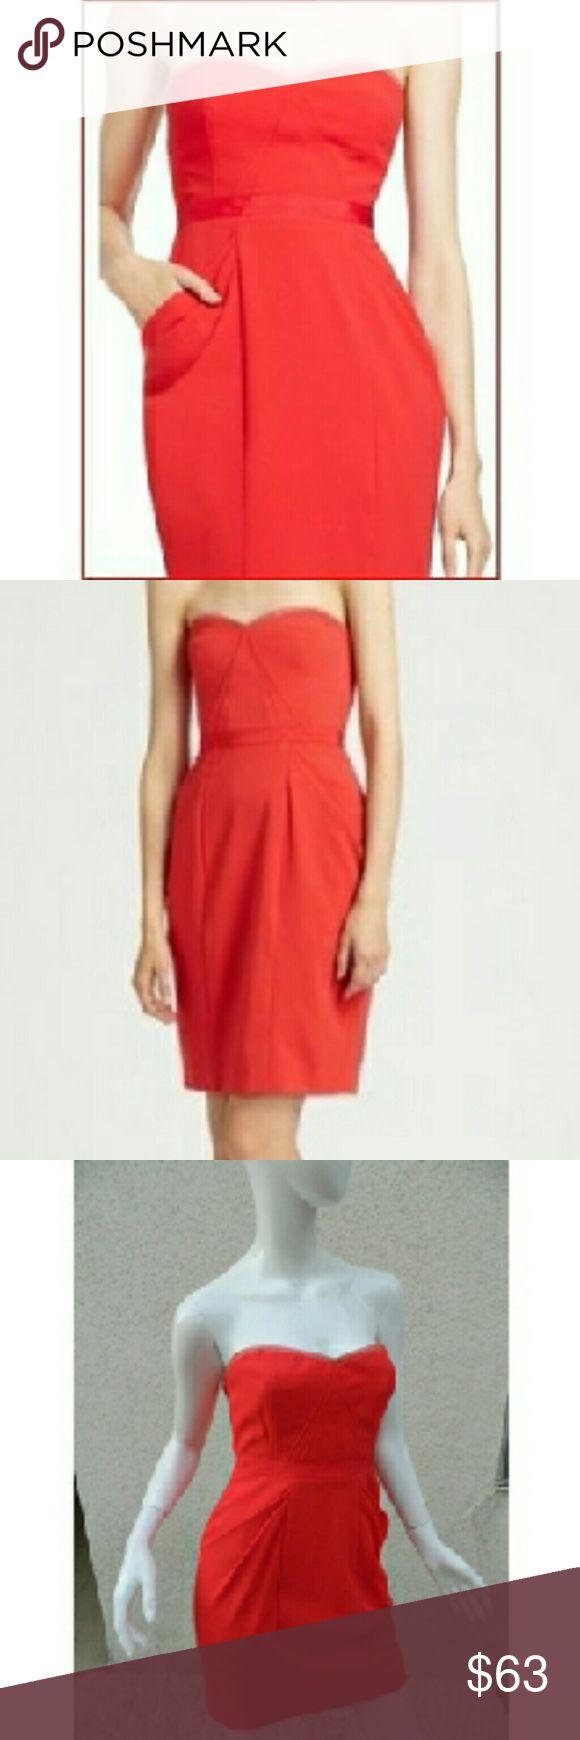 BCBG MAX AZRIA Dress Strapless Red Dress Sweet BCBG MAX AZRIA Dress Strapless Red Dress Sweet heart Size 4 BCBGMaxAzria Dresses Strapless